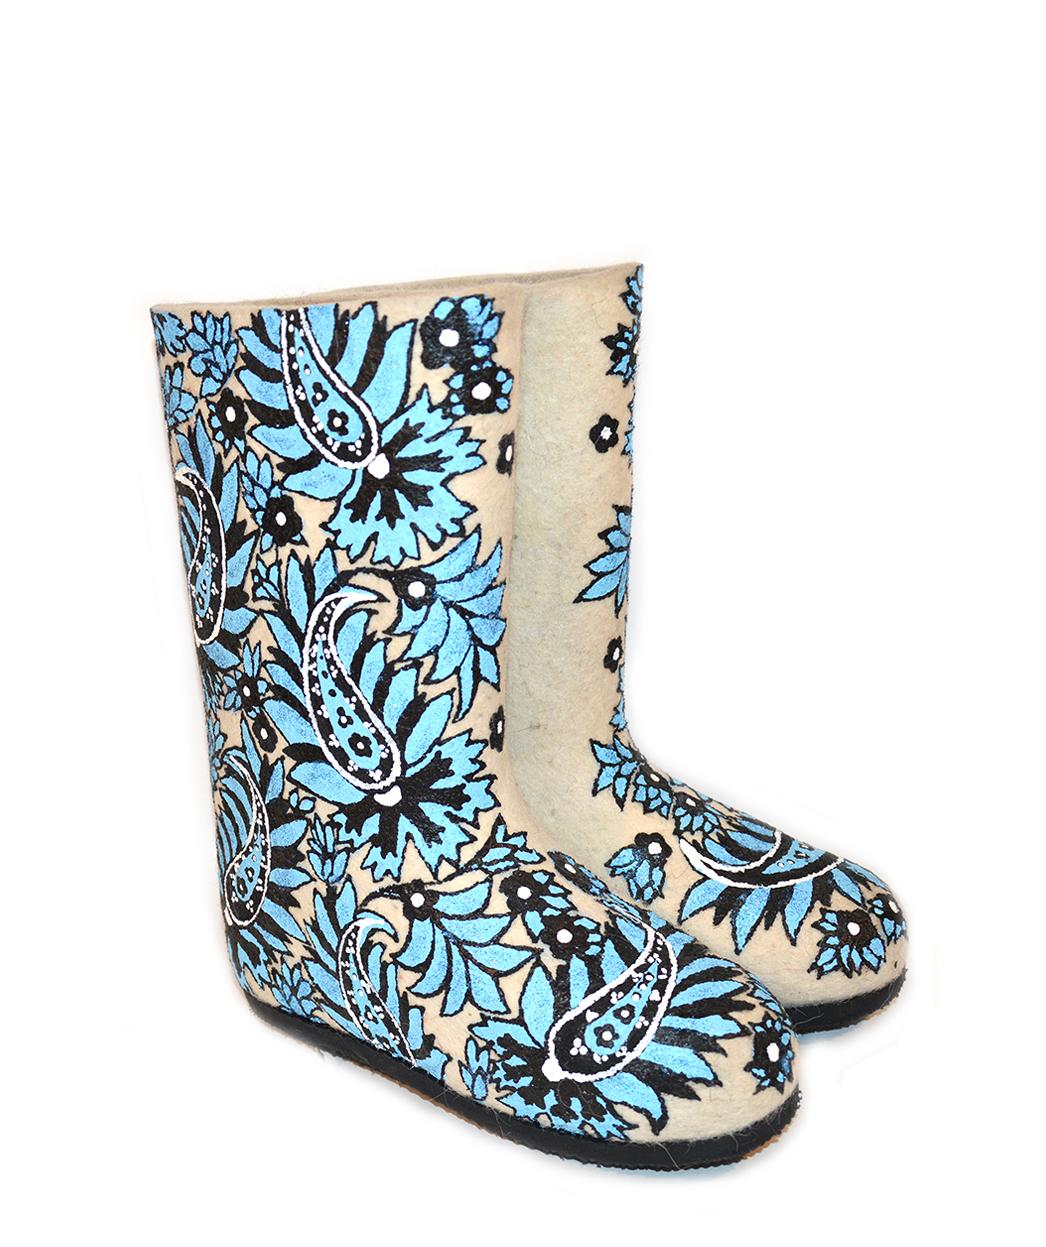 Женские валенки «Папоротник», цвет голубой